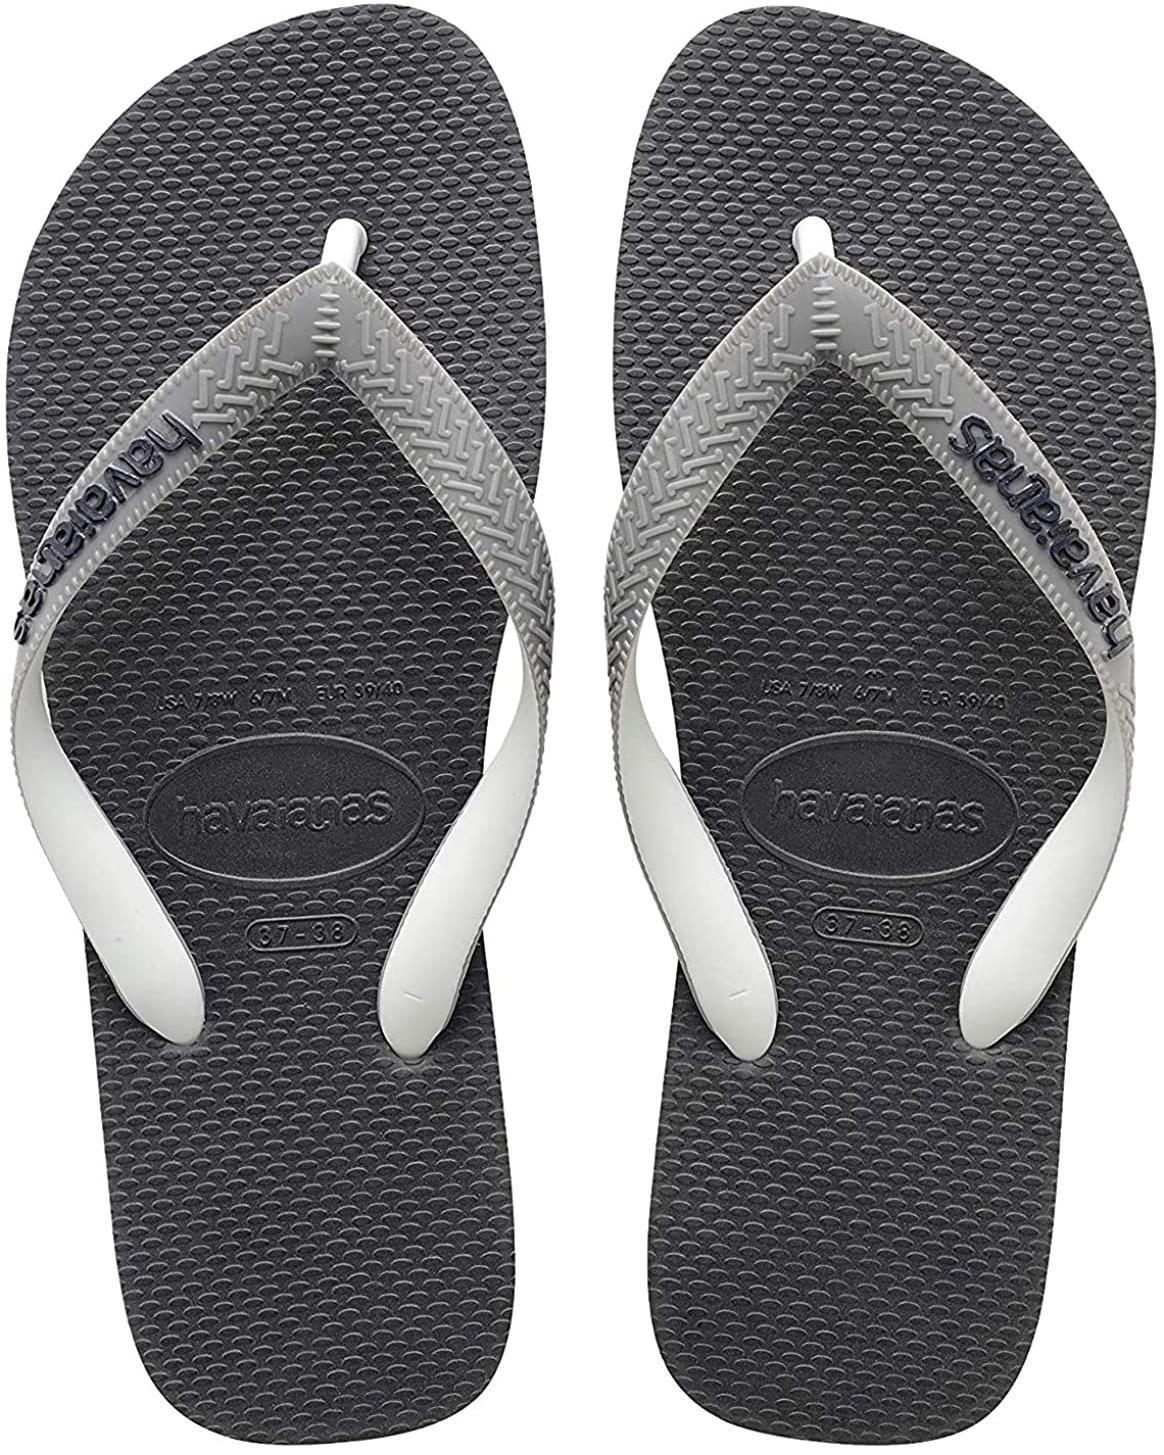 Havaianas Men's Flip Flop Sandals Top